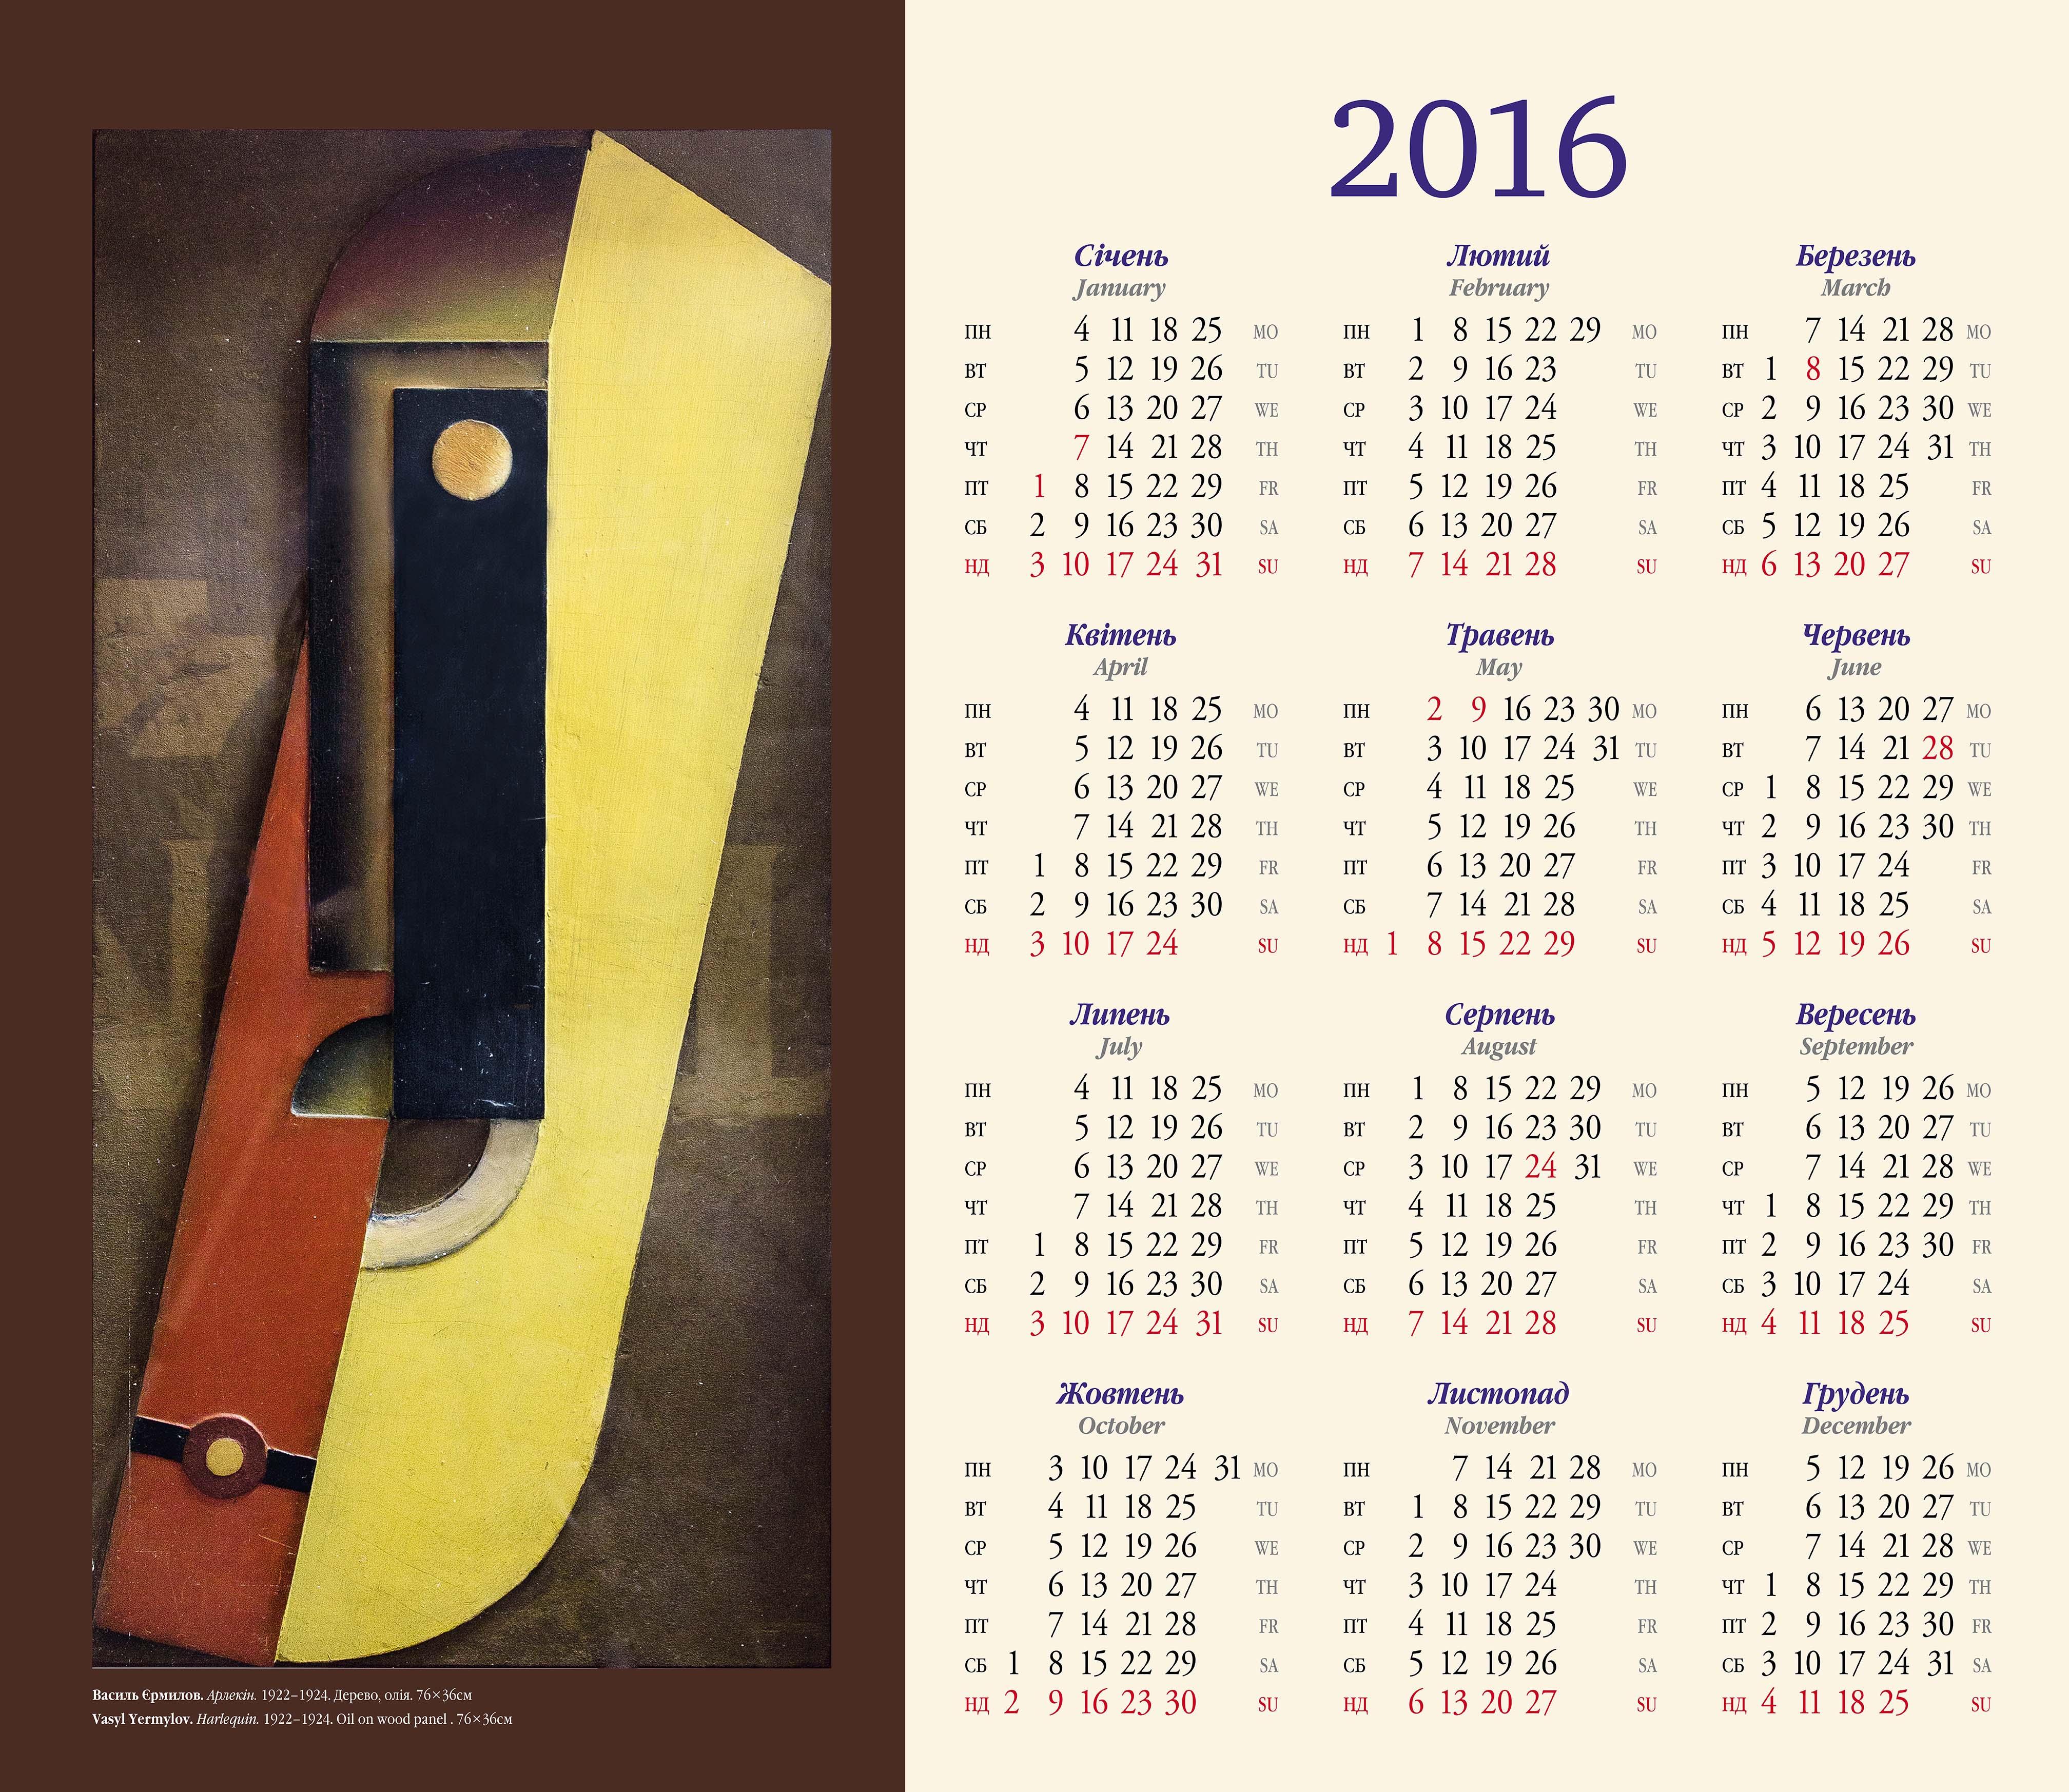 Kalendar-15